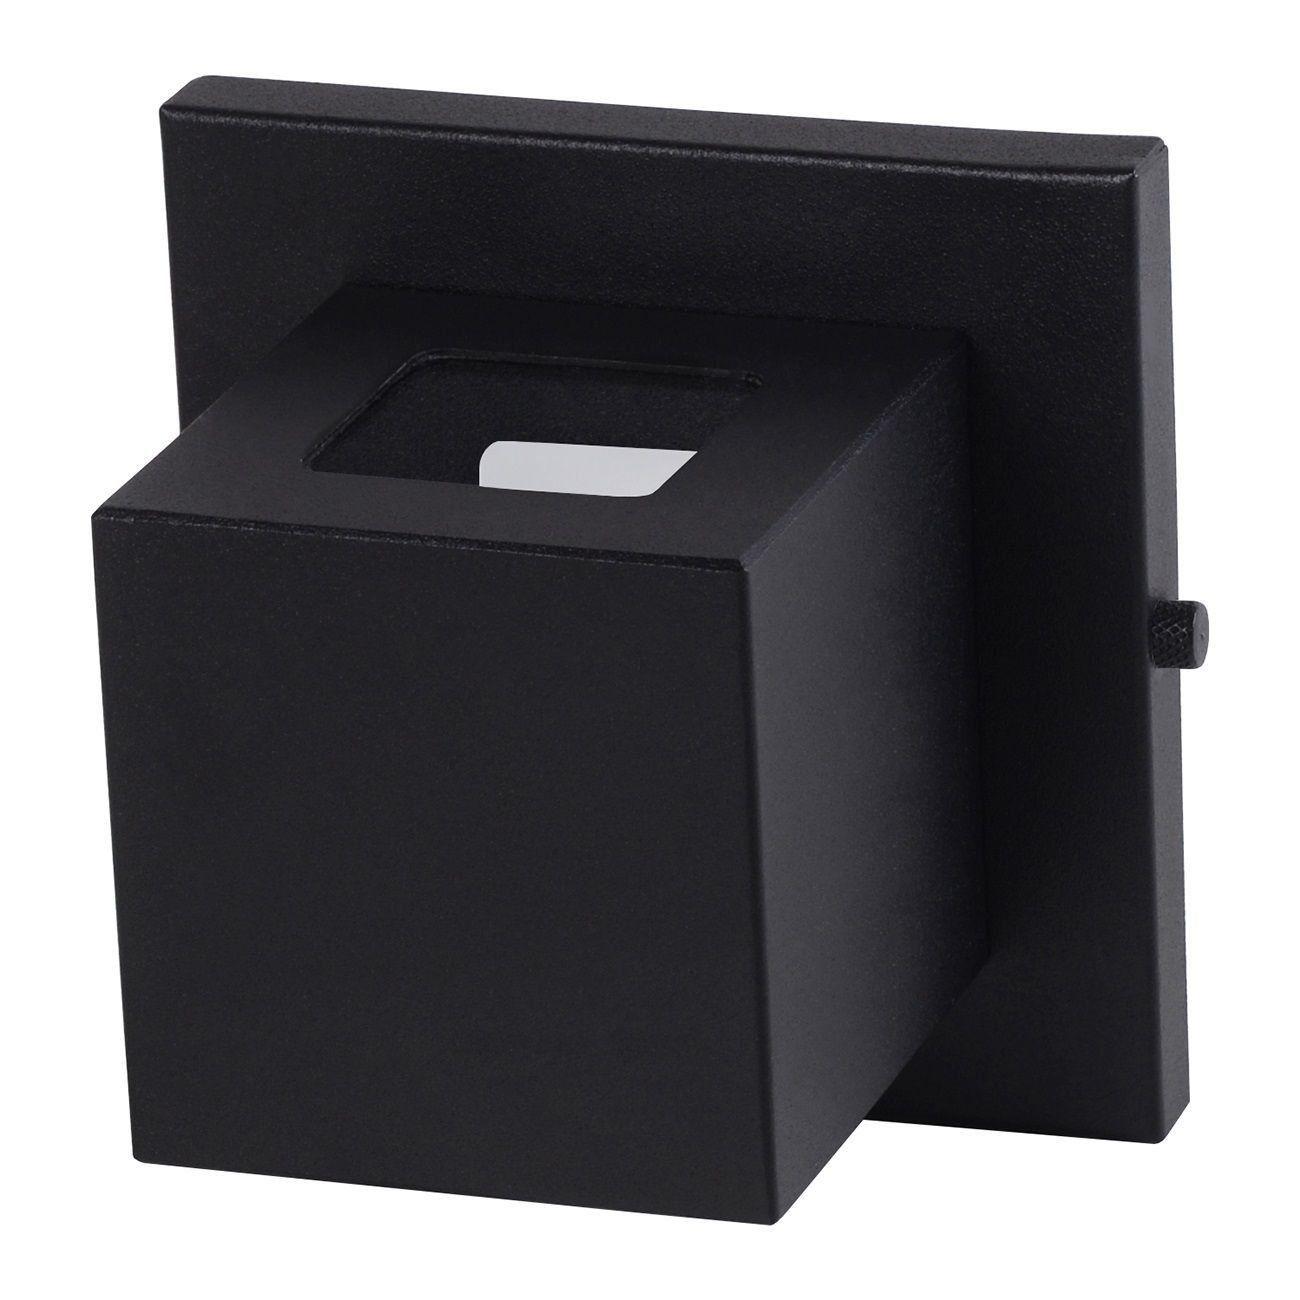 Arandela Box 2 Focos Luminária Externa Interna Muro Parede Alumínio Preto - Rei da Iluminação